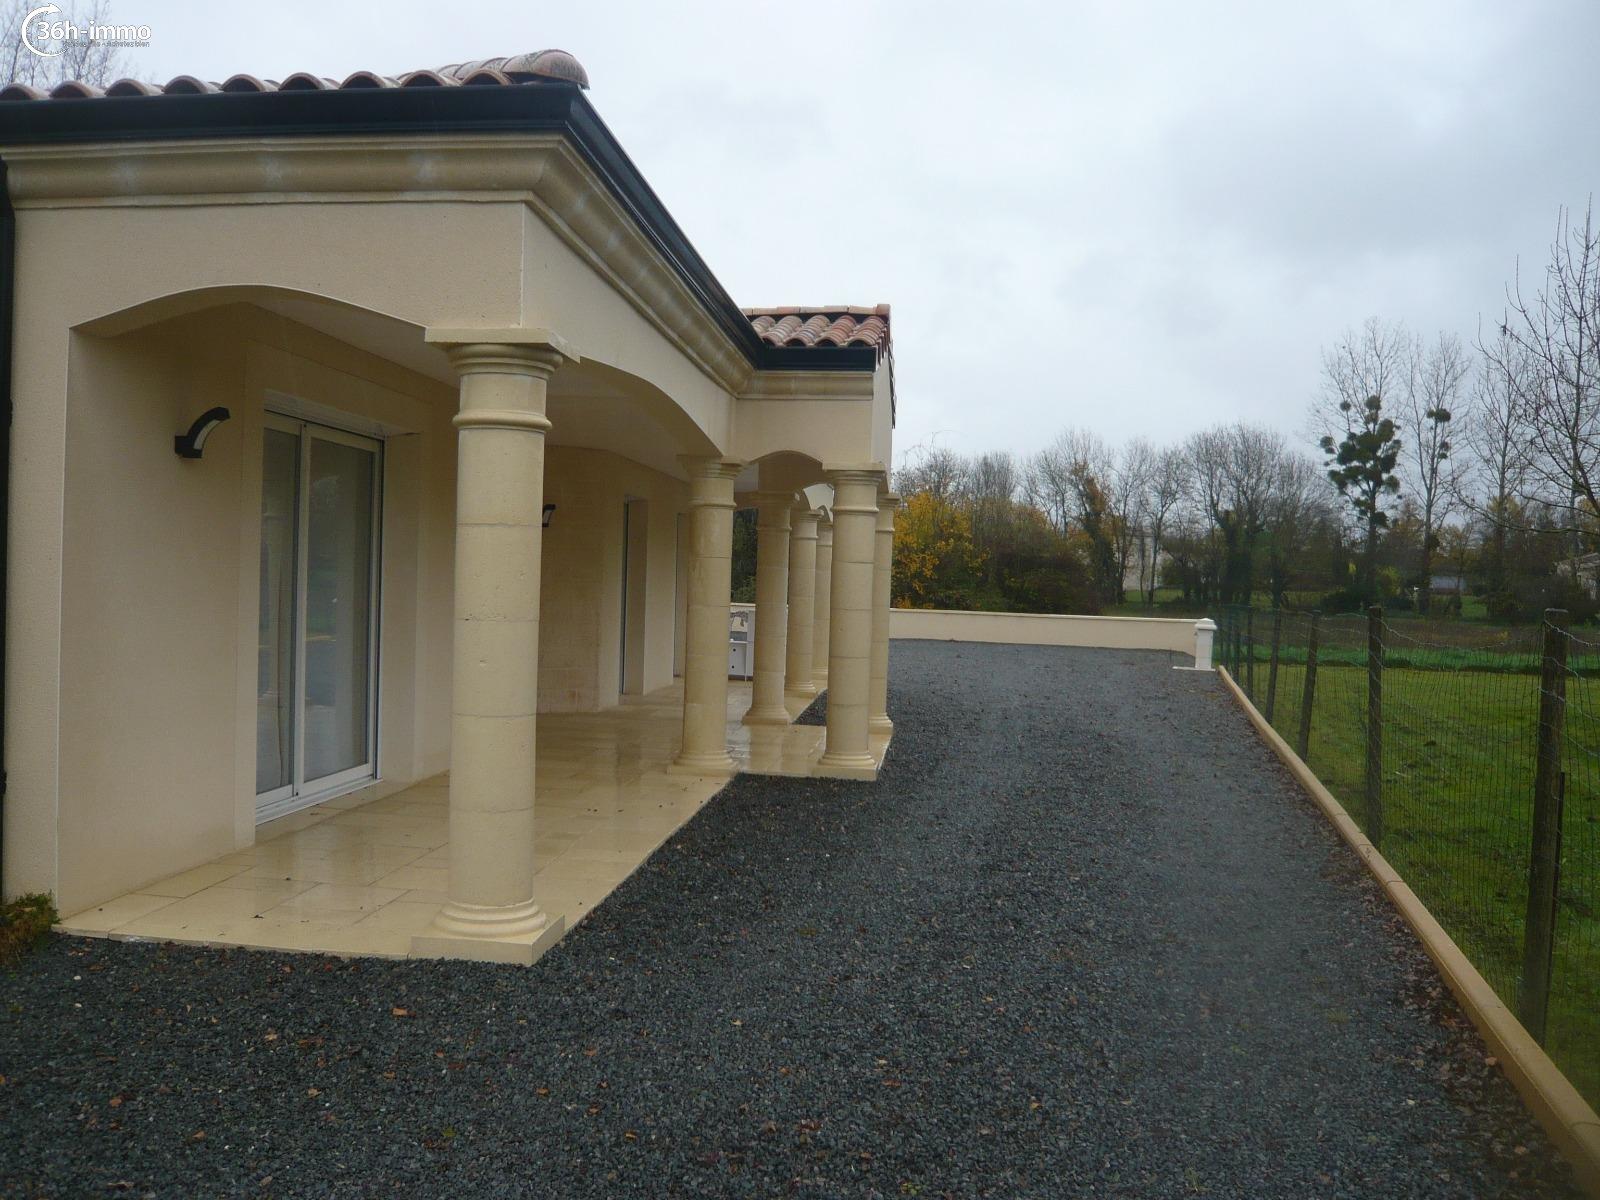 Maison La Vergne 17400 Charente-Maritime 105 m<sup>2</sup> 5 pi&eagrave;ces 115982 euros